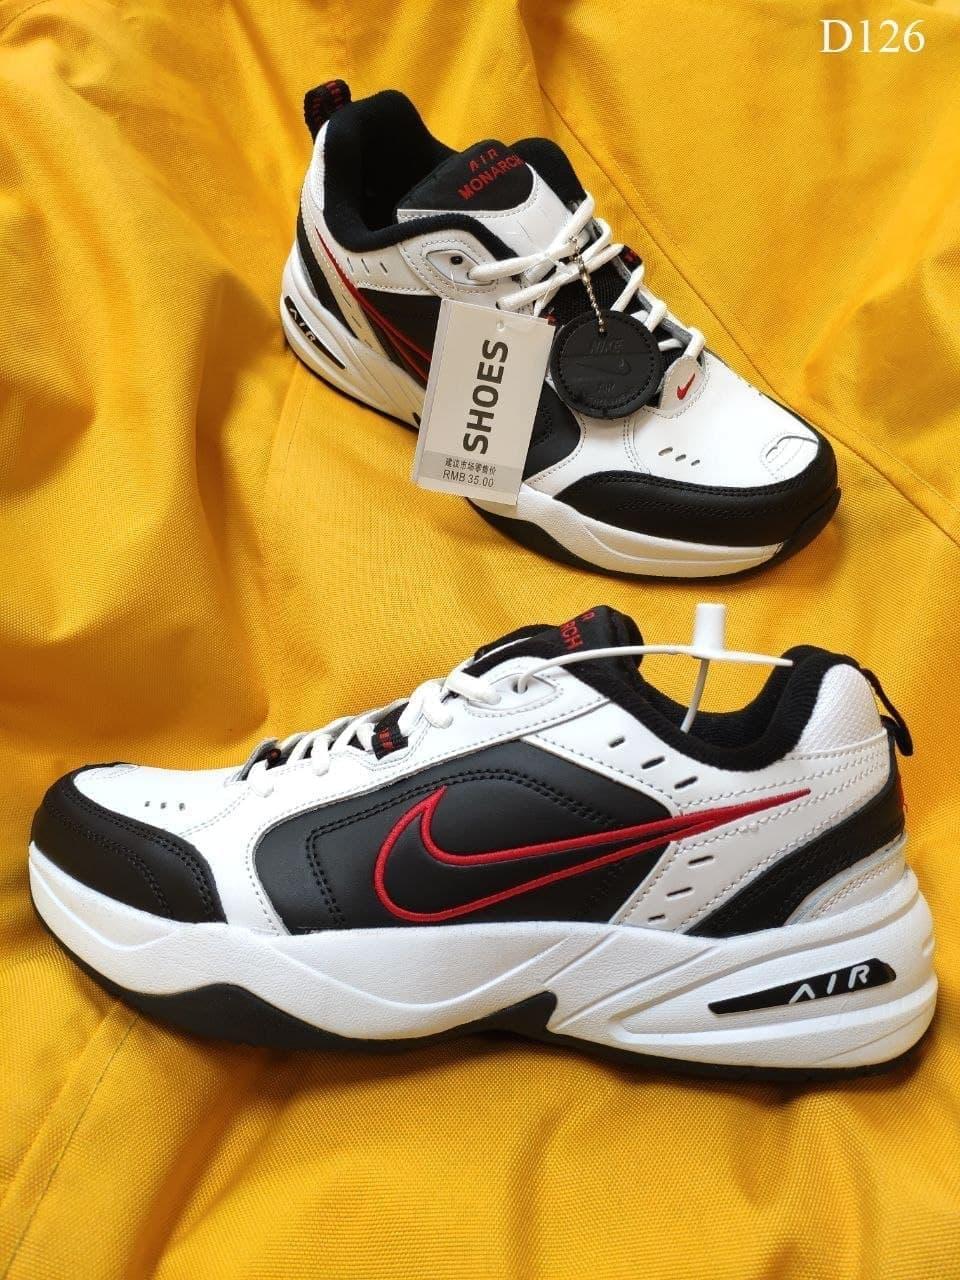 Чоловічі кросівки Nike Air Monarch IV (чорно-білі з червоним) зручна стильна взуття D126